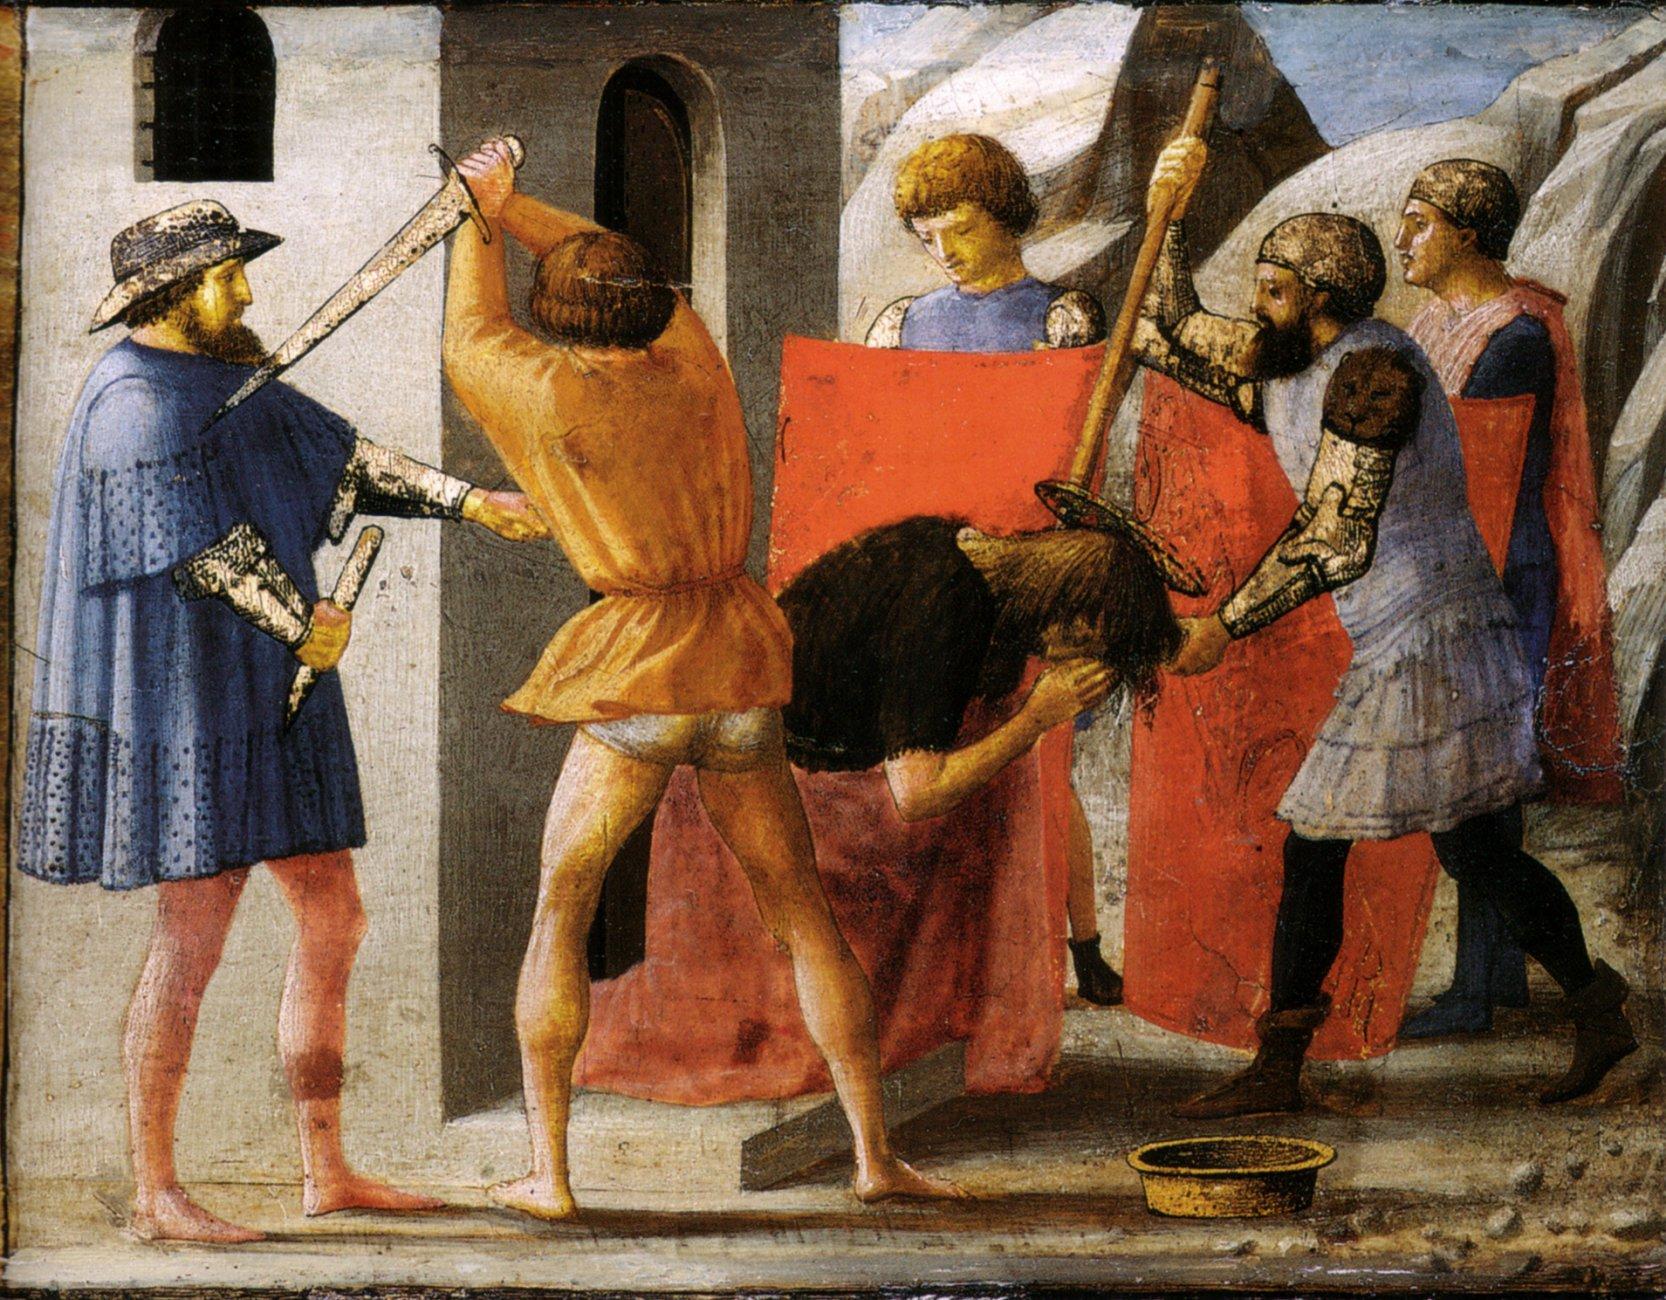 martyrdom-of-san-giovanni-battista-1426.jpg